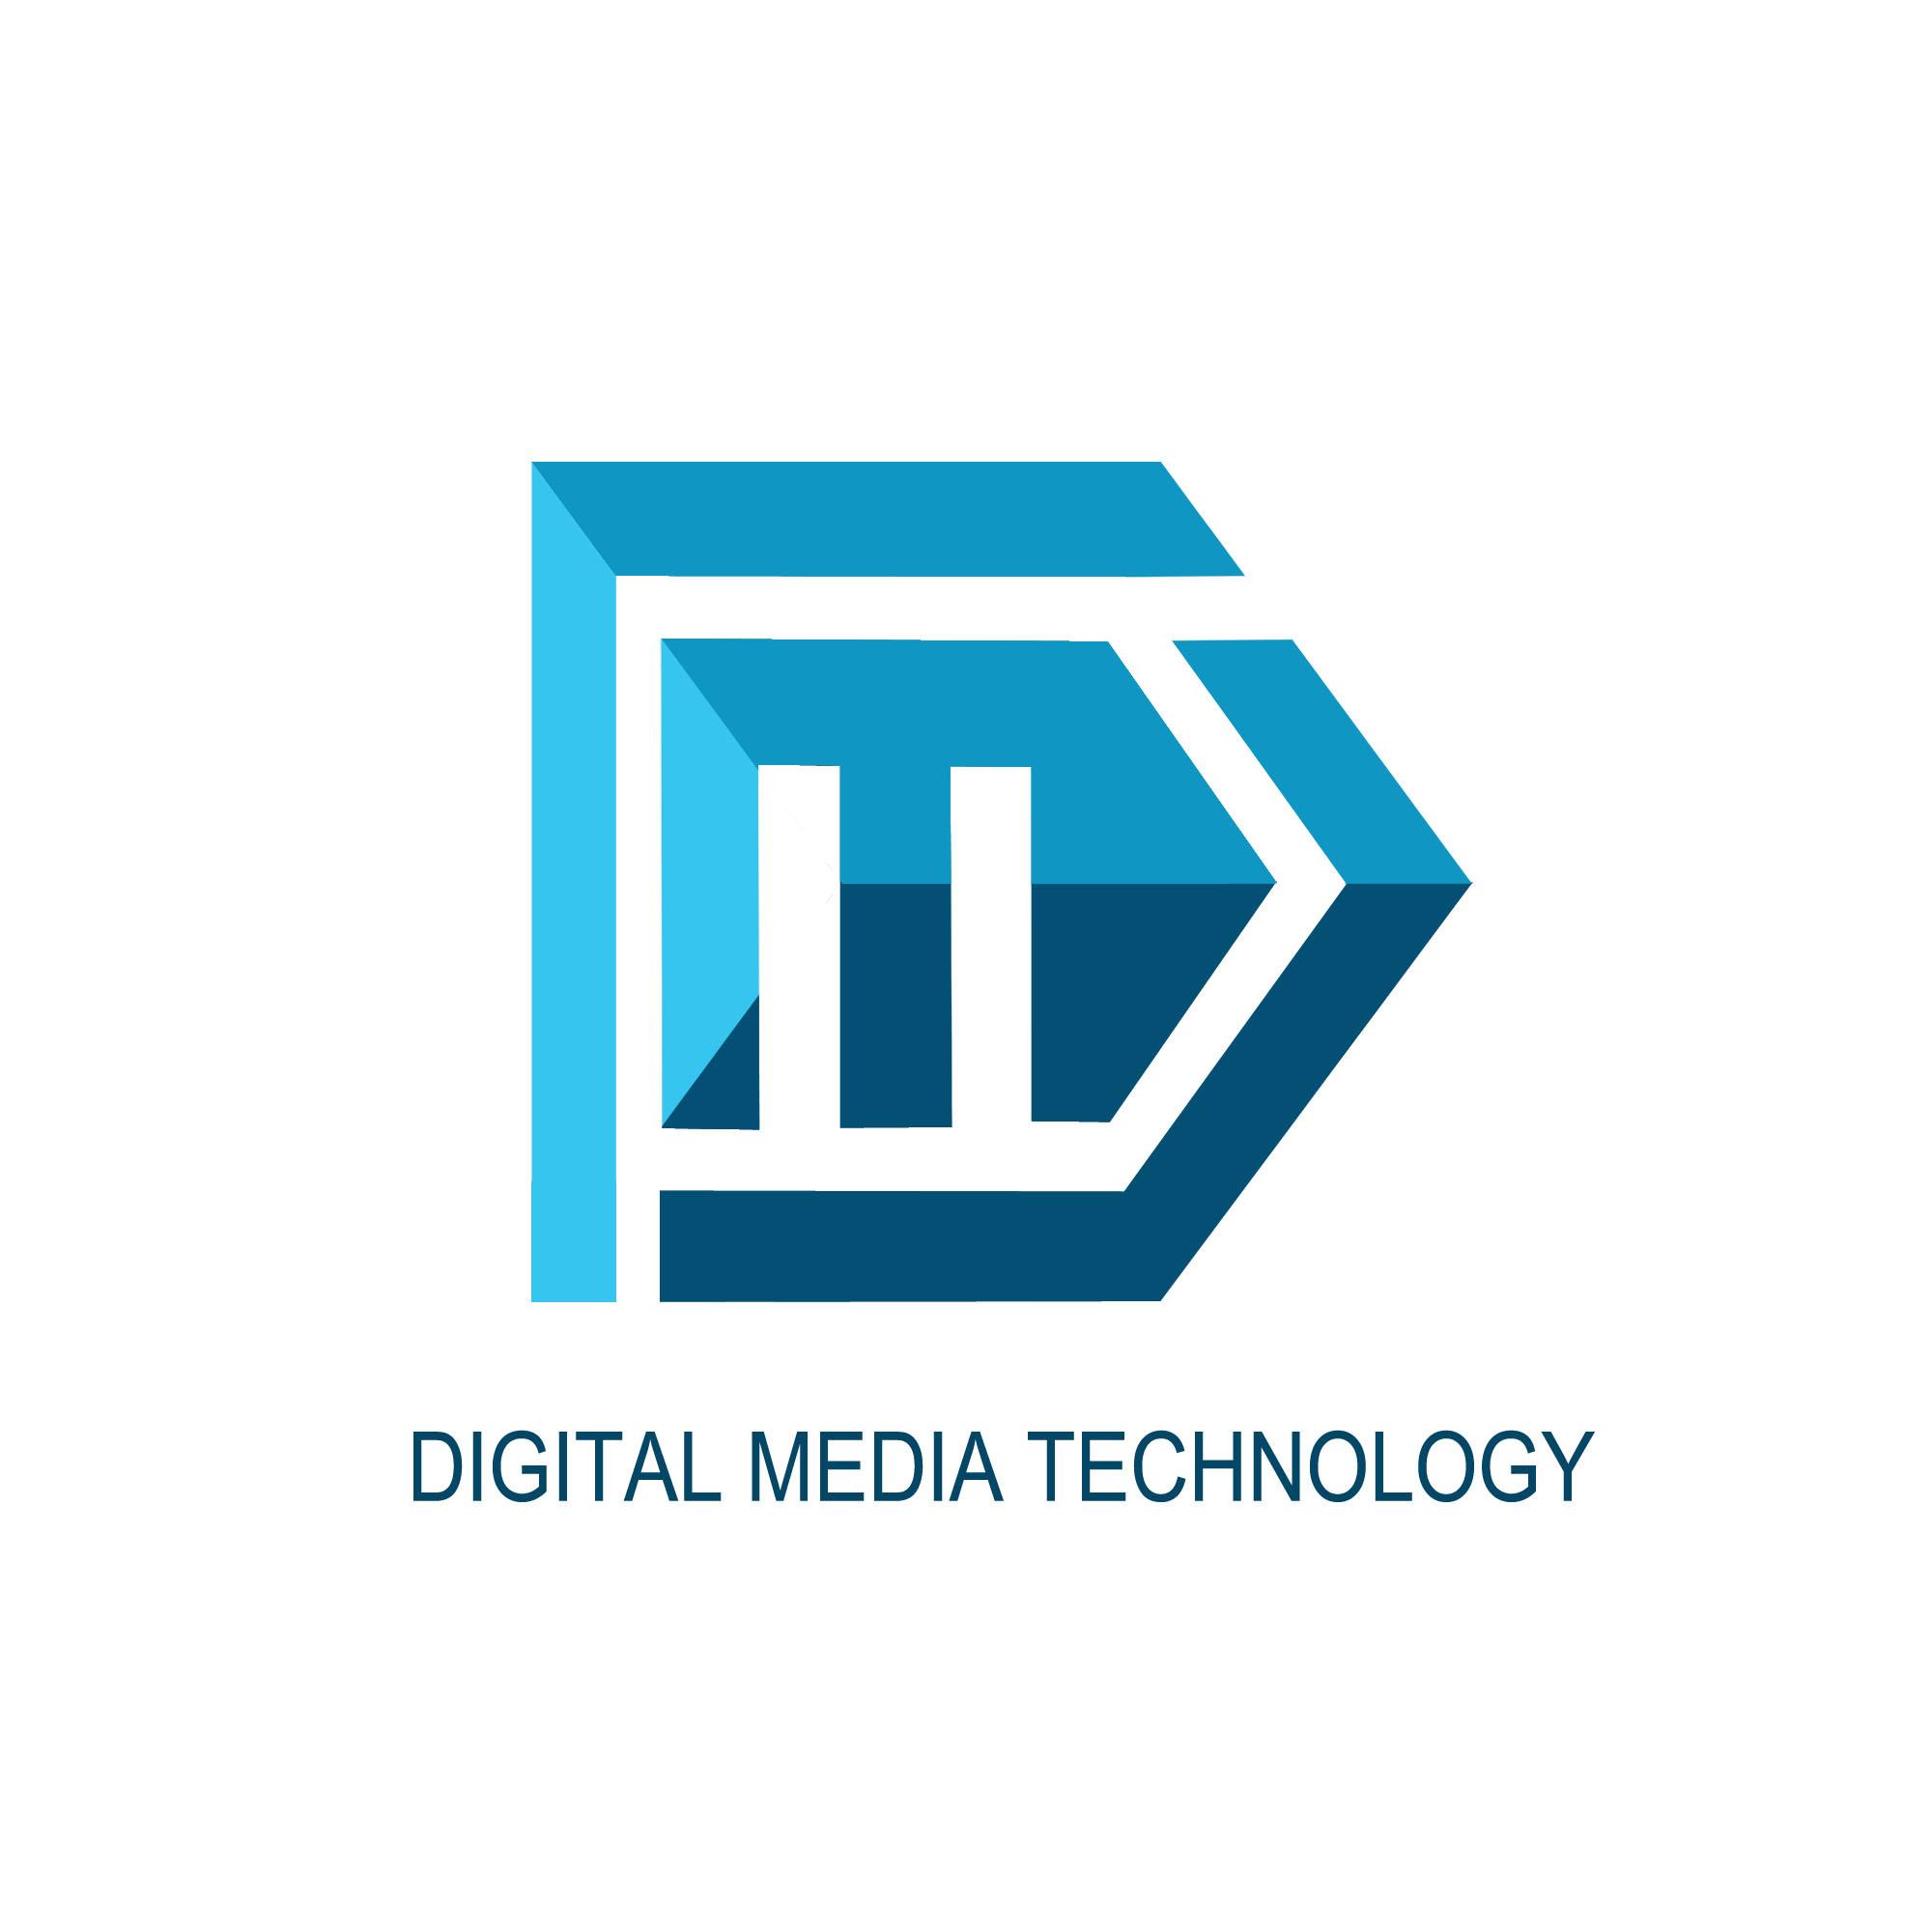 数字媒体技术专业logo设计习作图片